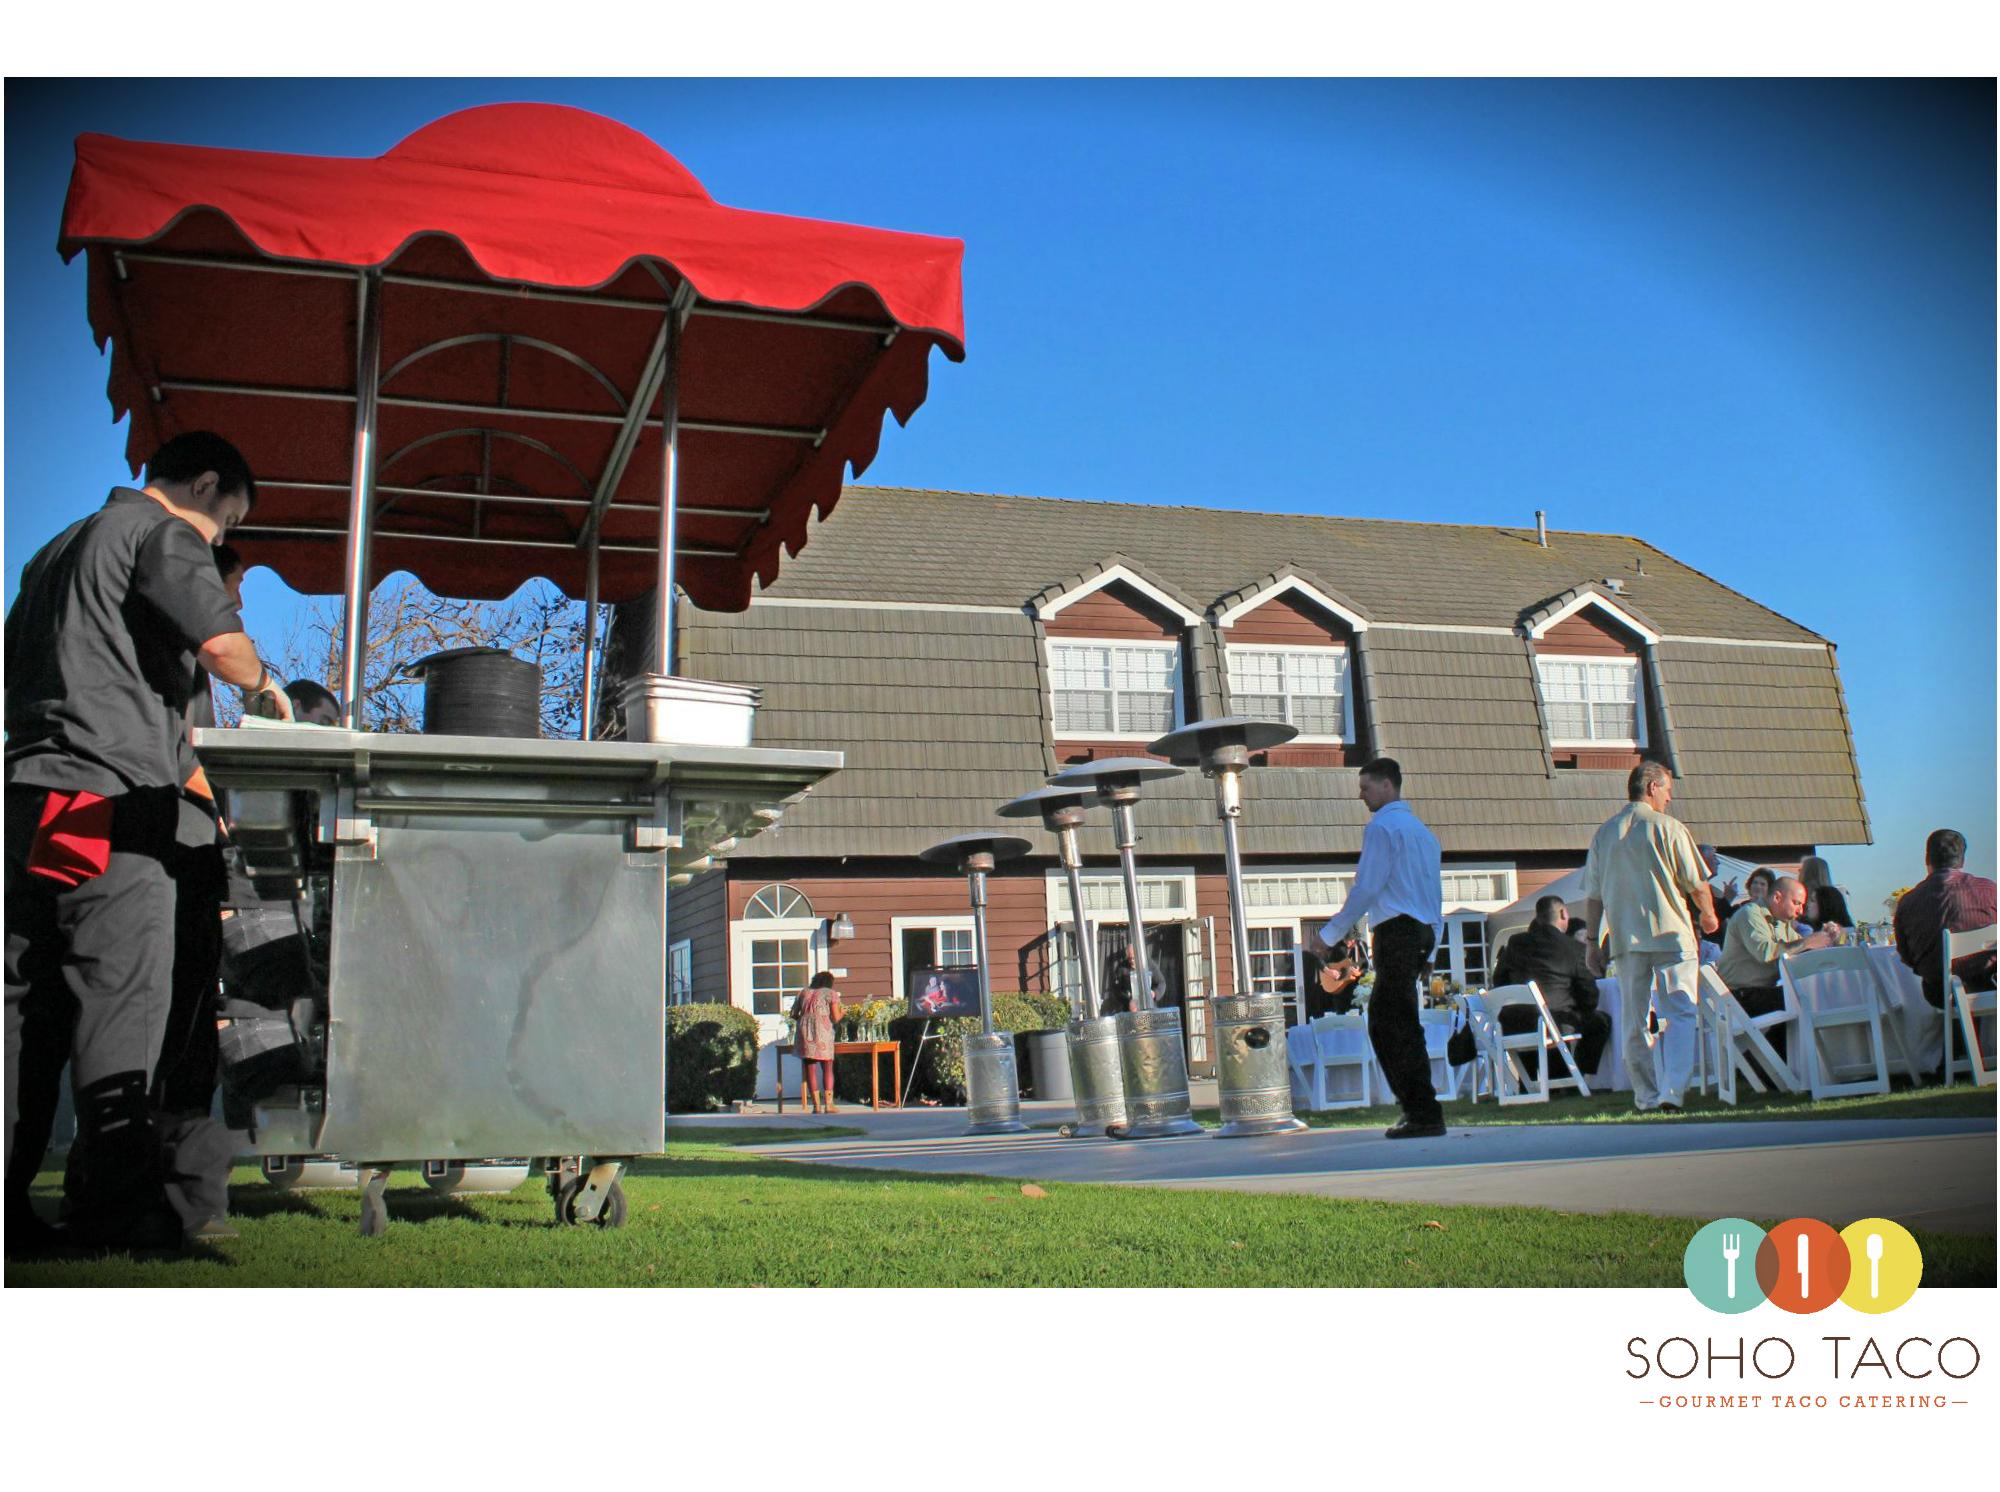 SOHO TACO Gourmet Taco Cart Catering - Newland Barn - Huntington Beach - Orange County OC